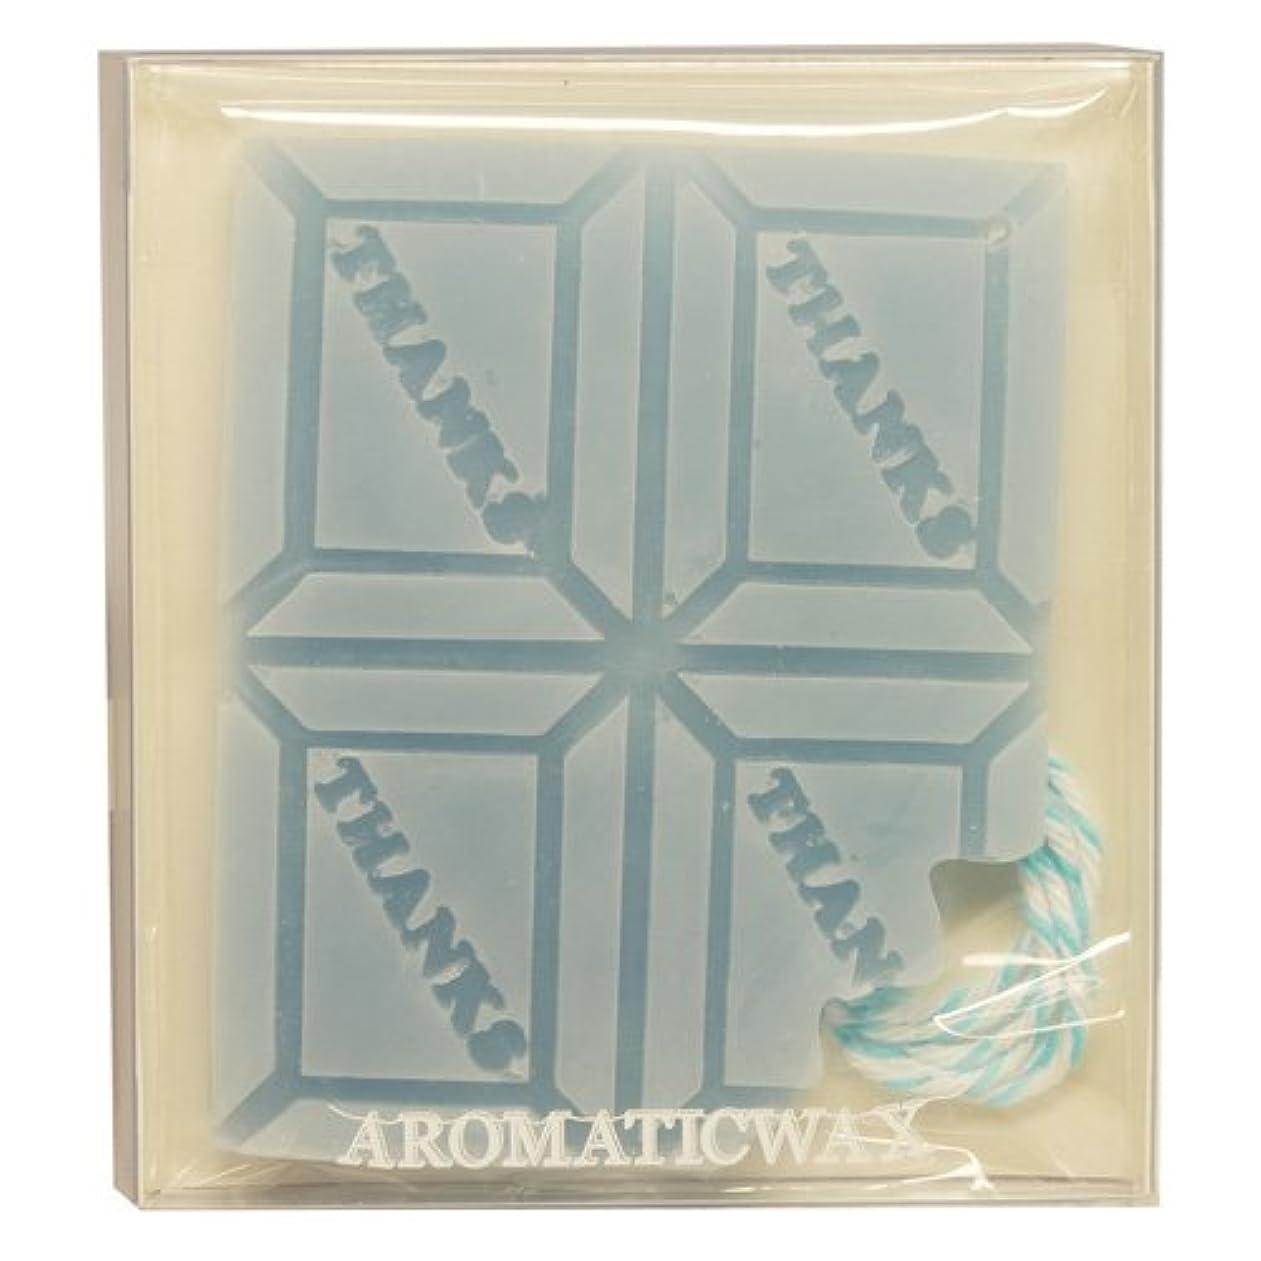 エキス脆いささやきGRASSE TOKYO AROMATICWAXチャーム「板チョコ(THANKS)」(BL) ローズマリー アロマティックワックス グラーストウキョウ